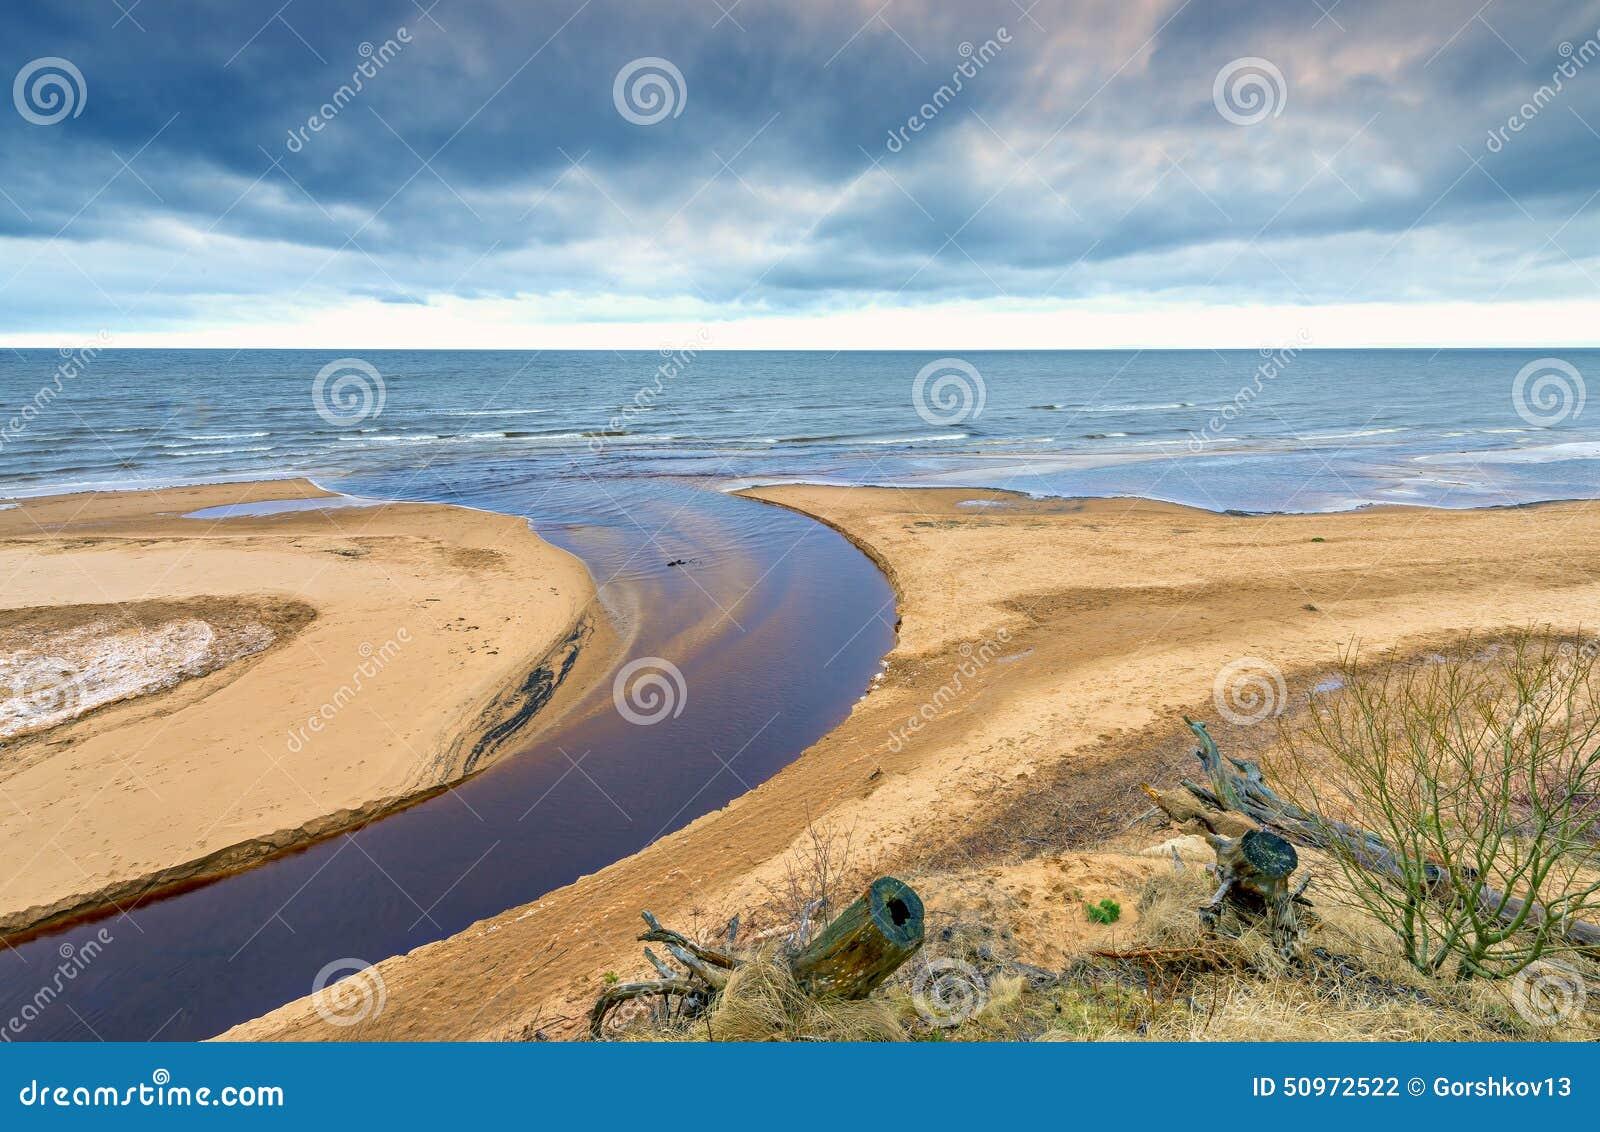 river flows into ocean